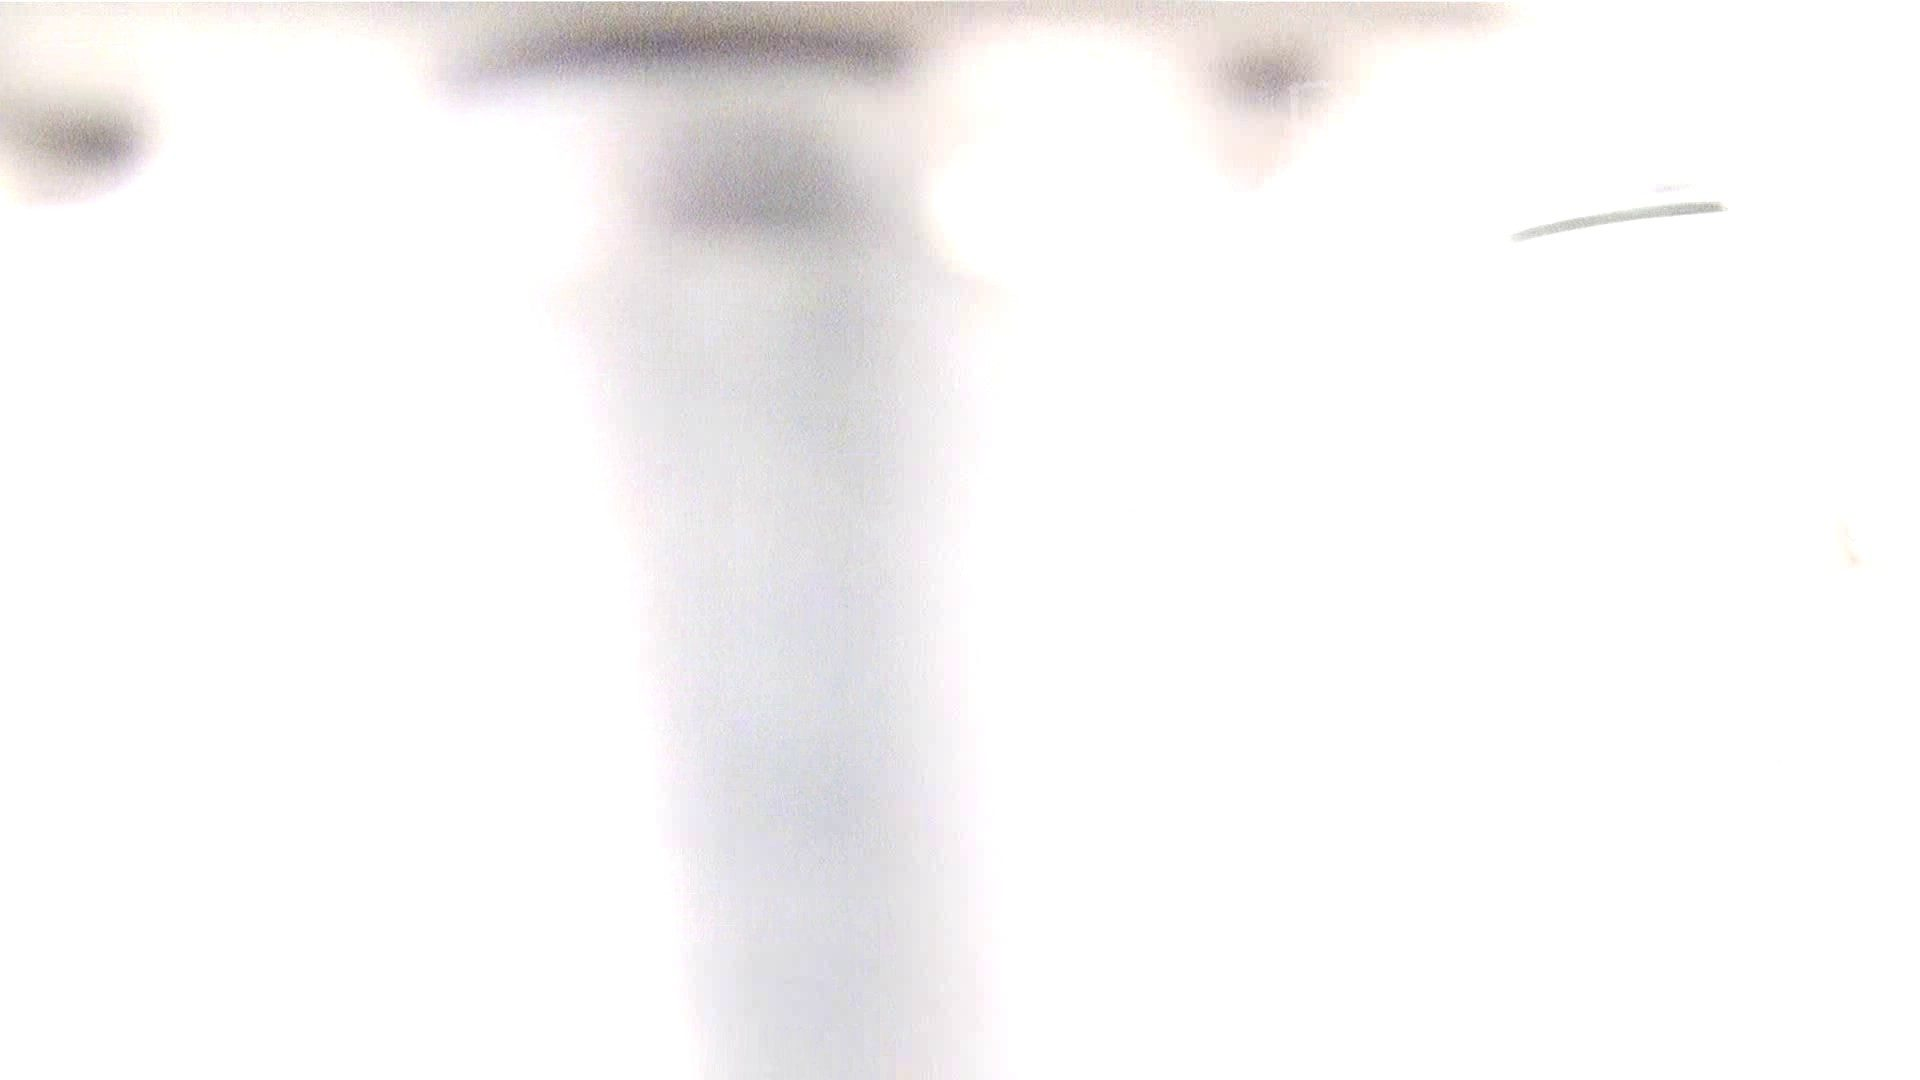 ※100個限定販売 至高下半身盗撮 プレミアム Vol.28 ハイビジョン 洗面所 アダルト動画キャプチャ 107画像 10